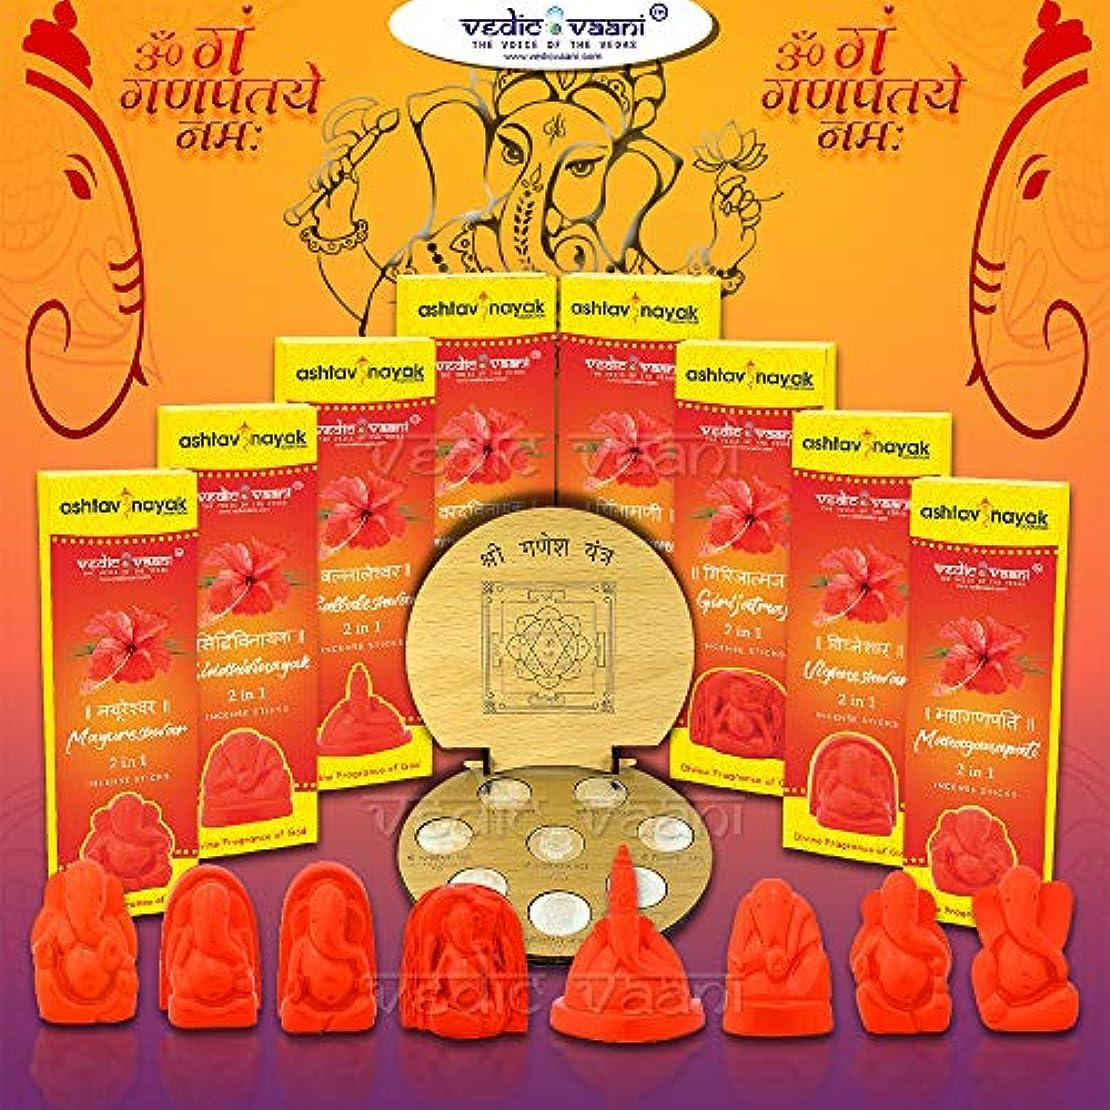 を除くタヒチ脊椎Vedic Vaani Shree Ashtavinayak Darshan Yantra with Ashtavinayak Darshan Set & Ganesh Festival お香セット (各100GM)